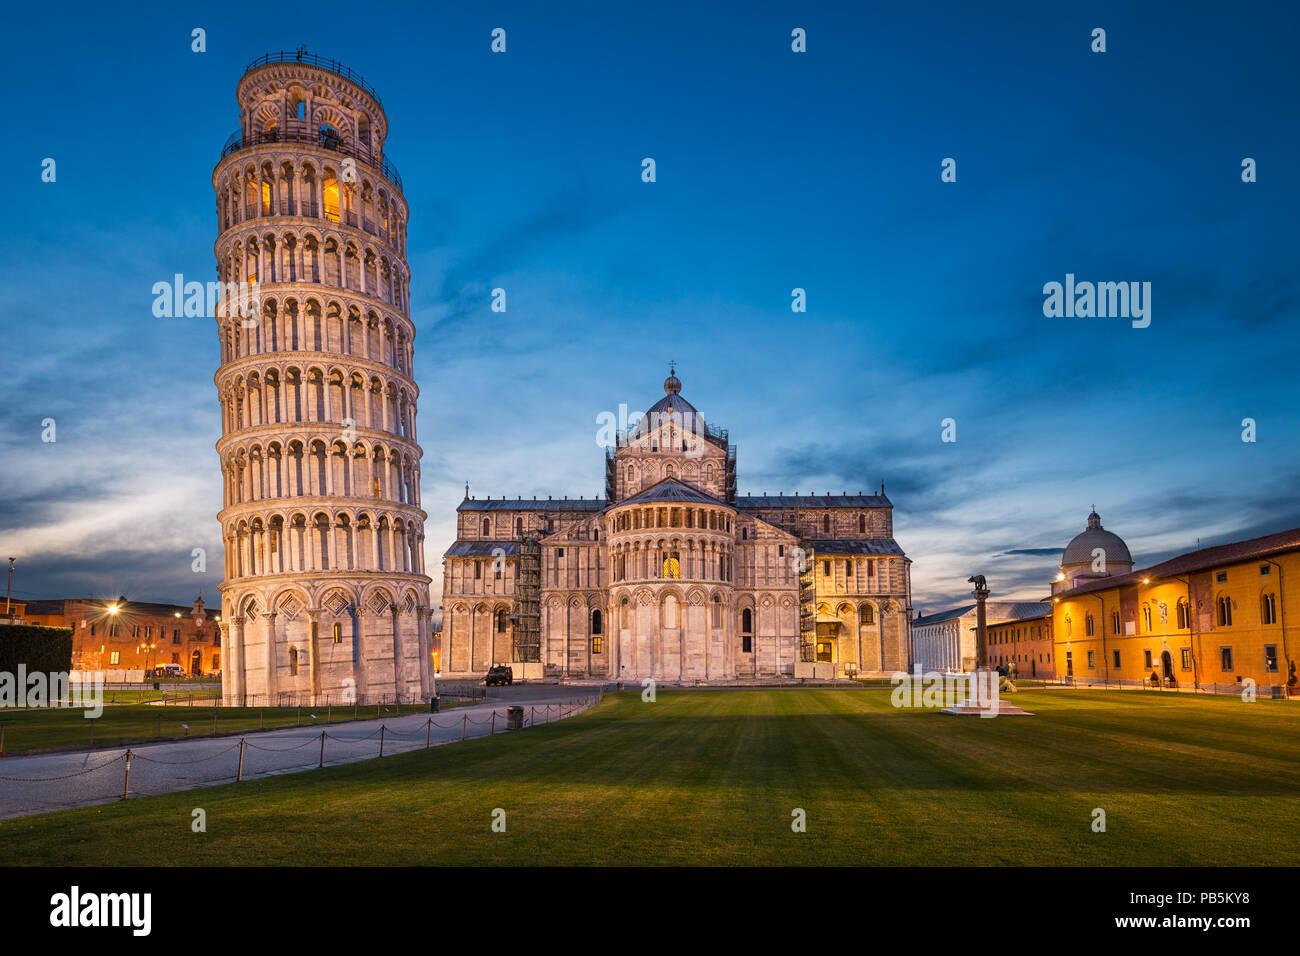 La catedral y la Torre Inclinada de Pisa, Italia Imagen De Stock